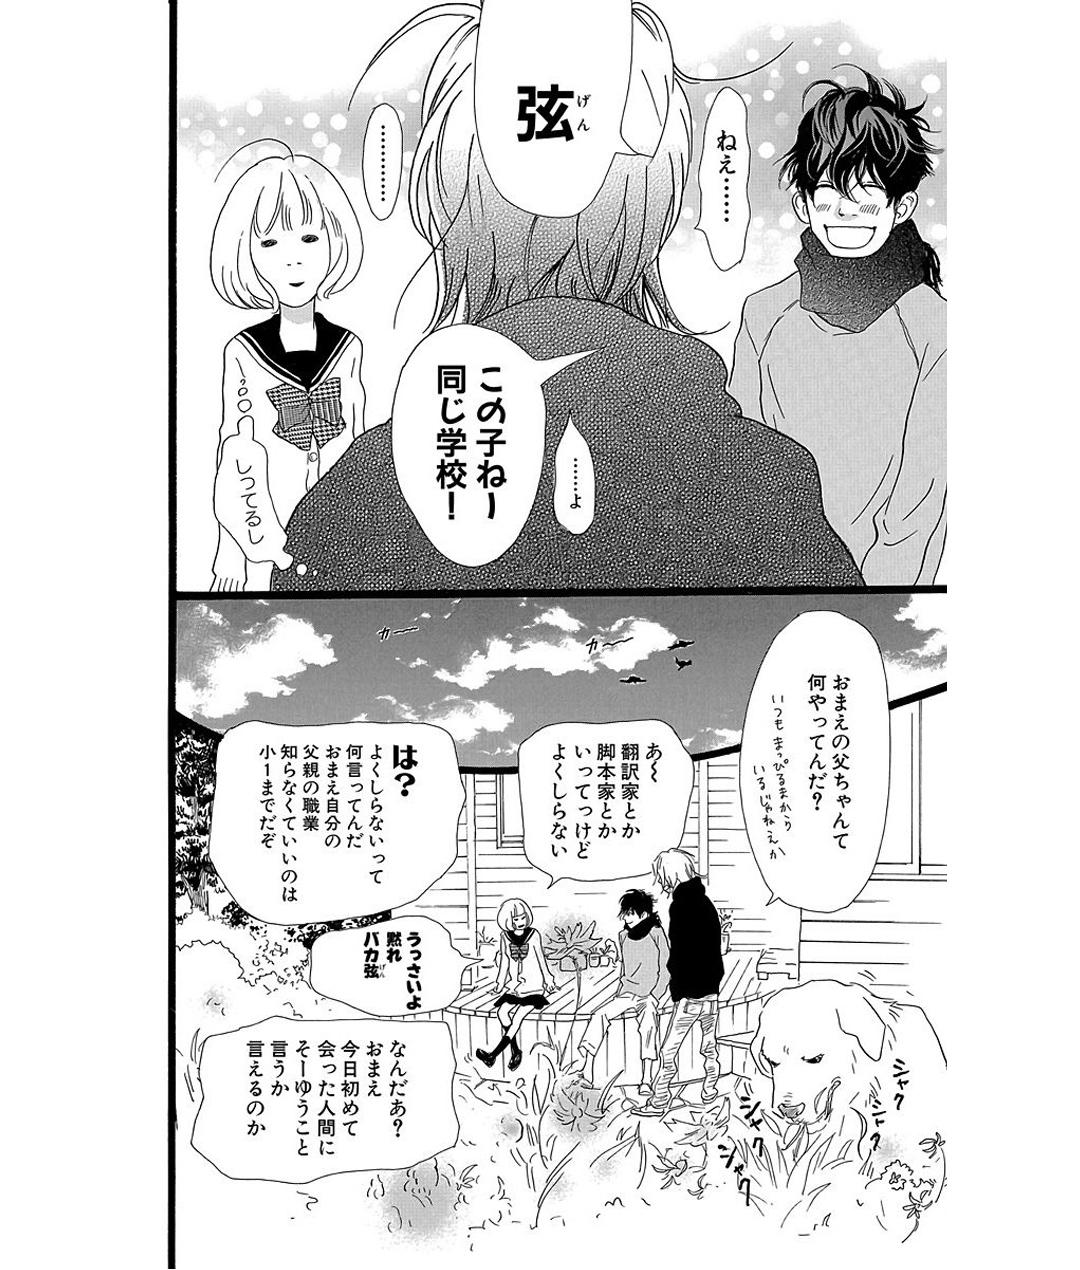 プリンシパル 第1話 試し読み_1_1-24